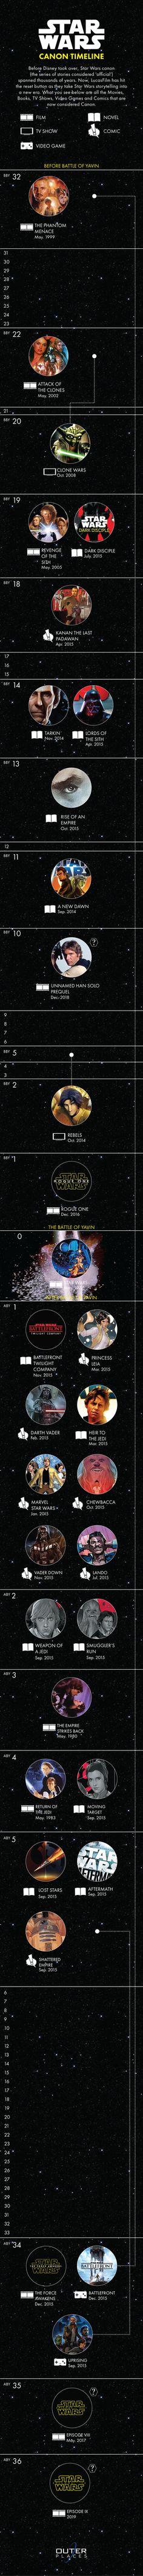 Star Wars Canon Timeline OuterSpaces- Star Wars: The Force Awakens vizyonda! 2015 yılında hangi global markalar Star Wars temalı marketing faaliyetlerine imza attı? Keşfedin; http://www.marketingtr.net/tr/blog/detay/Markalarda-Star-Wars-Pazarlamasi/6/57/0 #starwarstheforceawakens #starwars #yıldızsavaşları #güçuyanıyor #georgelucas #disney #starwarsmarketing #pazarlama #marketingtr #trend #sosyalmedya #design #tasarım #movie #darthvader #contentmarketing #marketing #infografik #infographic